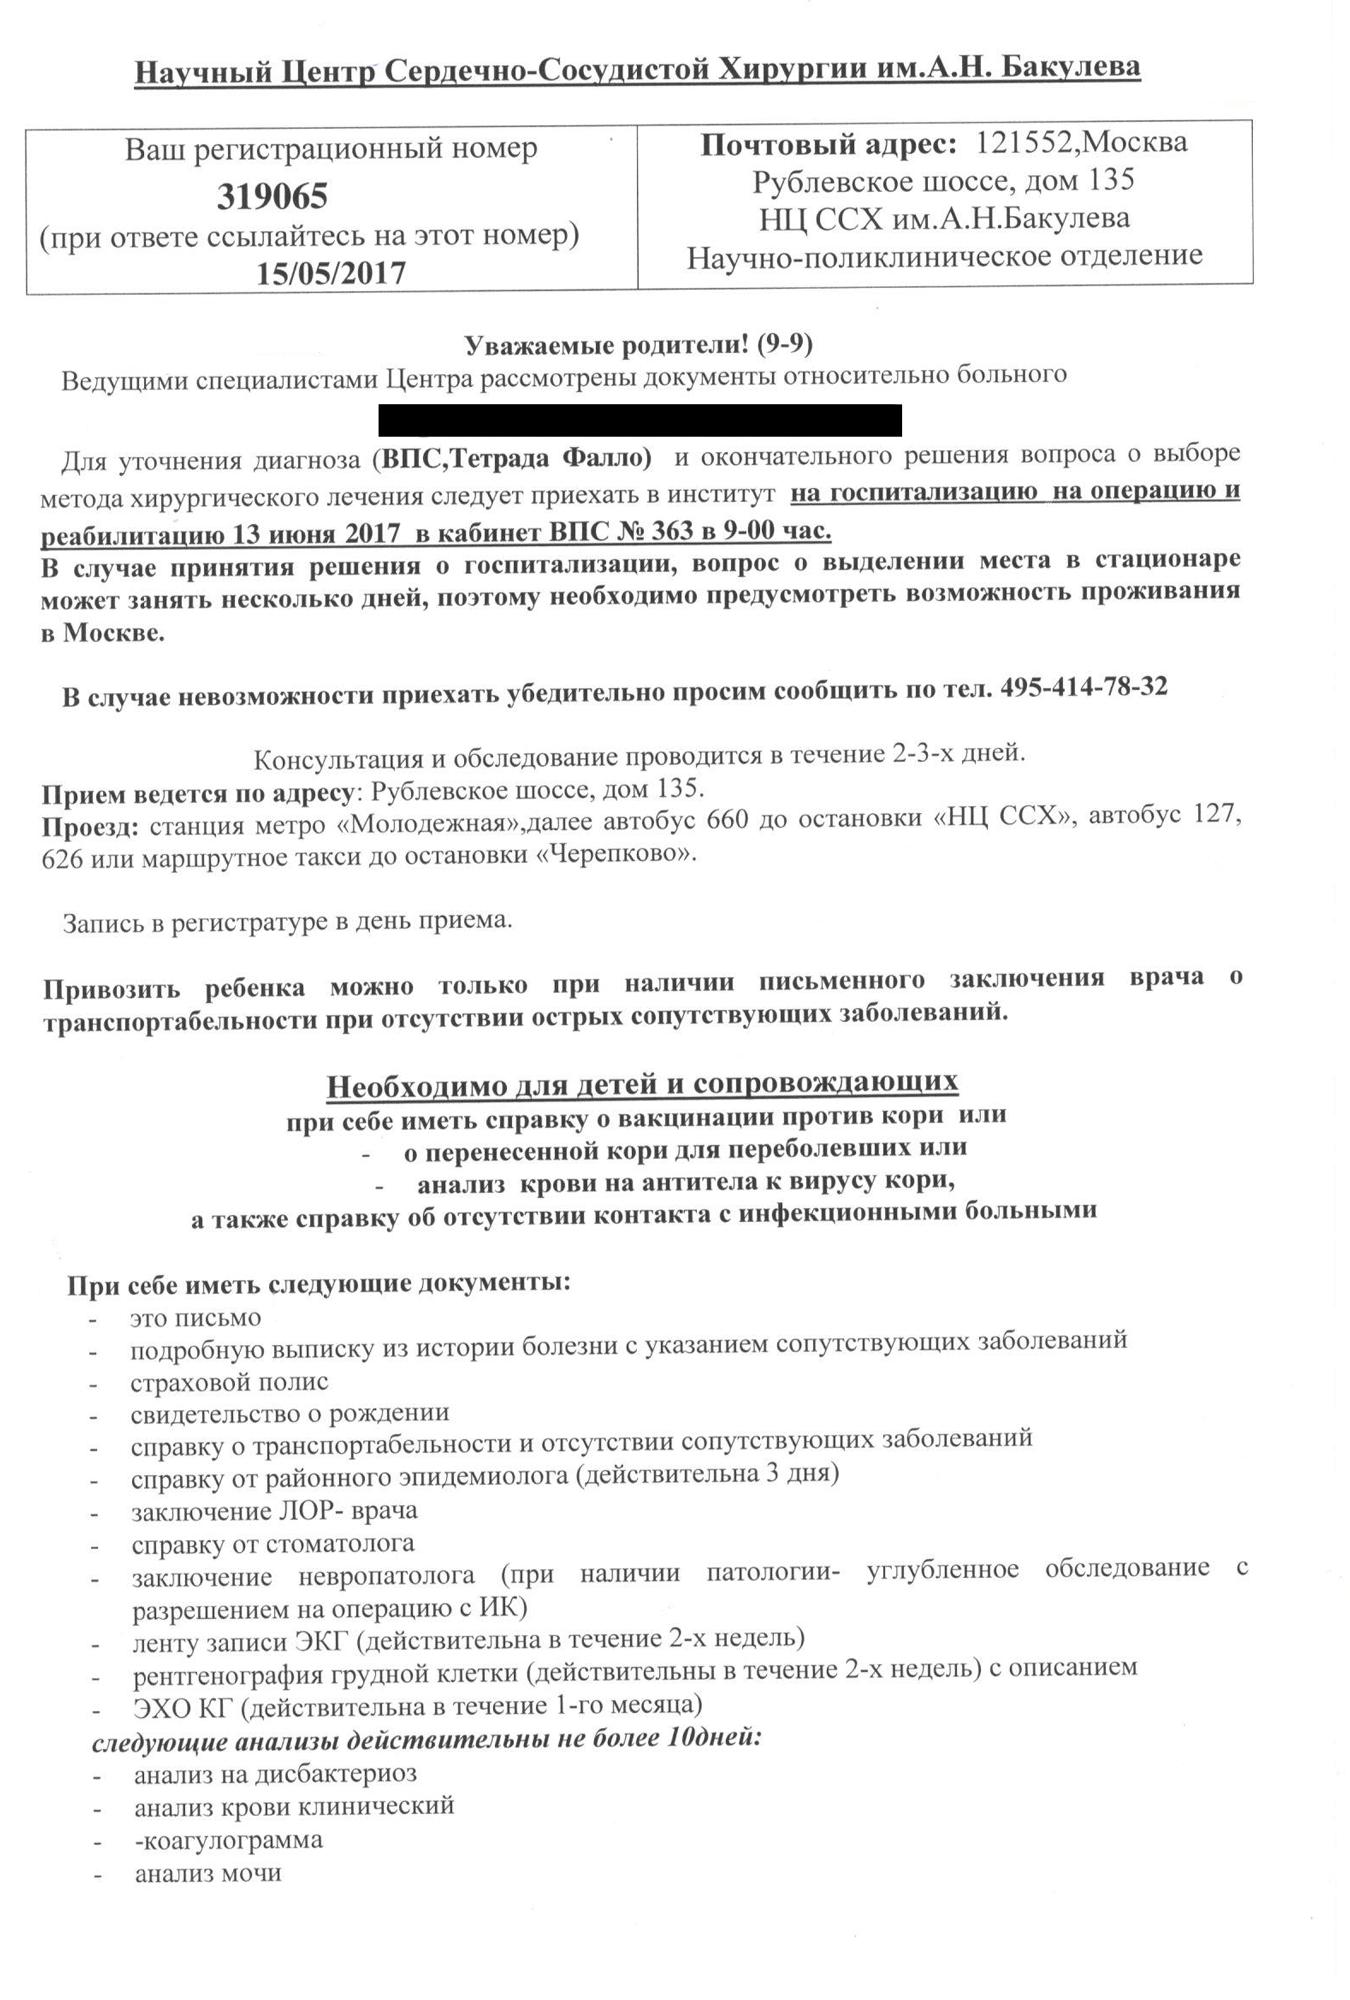 Вызов на операцию: указаны дата, время и перечень анализов для госпитализации